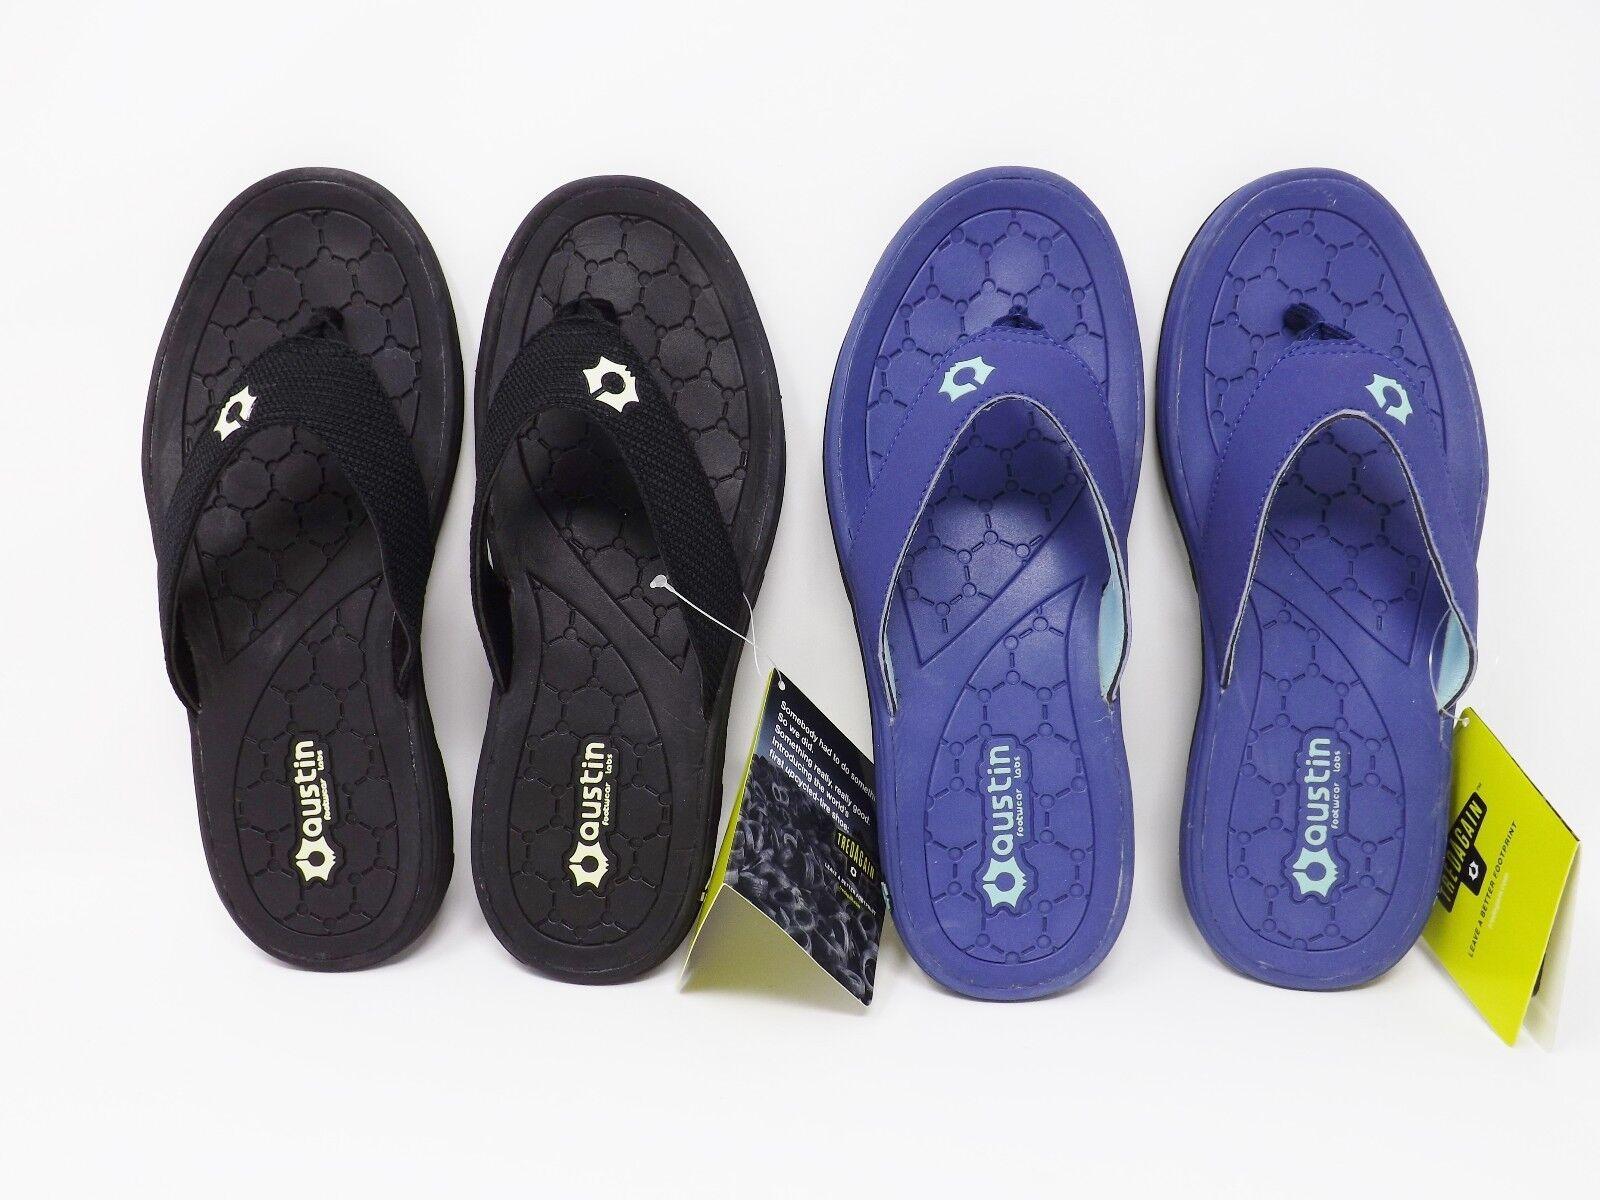 Austin Sandals Footwear Labs Tredagain Woman's Sandals Austin - New 8908f6